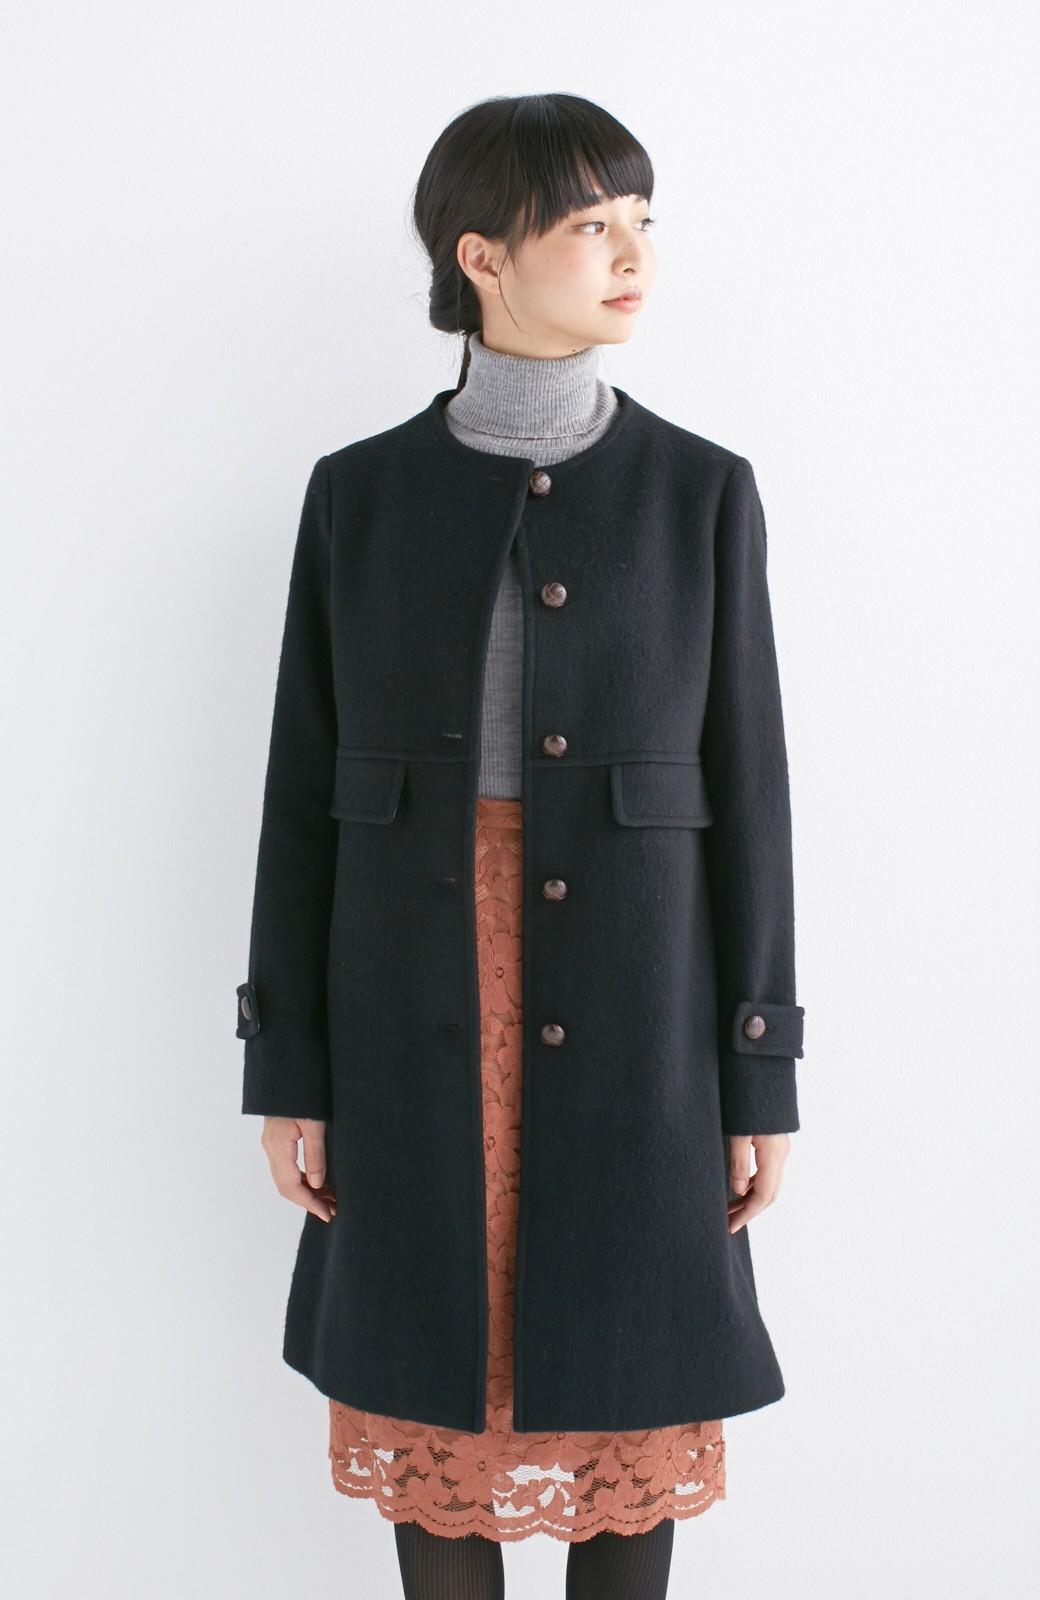 エムトロワ MADE IN JAPAN生地を使用したノーカラーコート <ブラック>の商品写真12